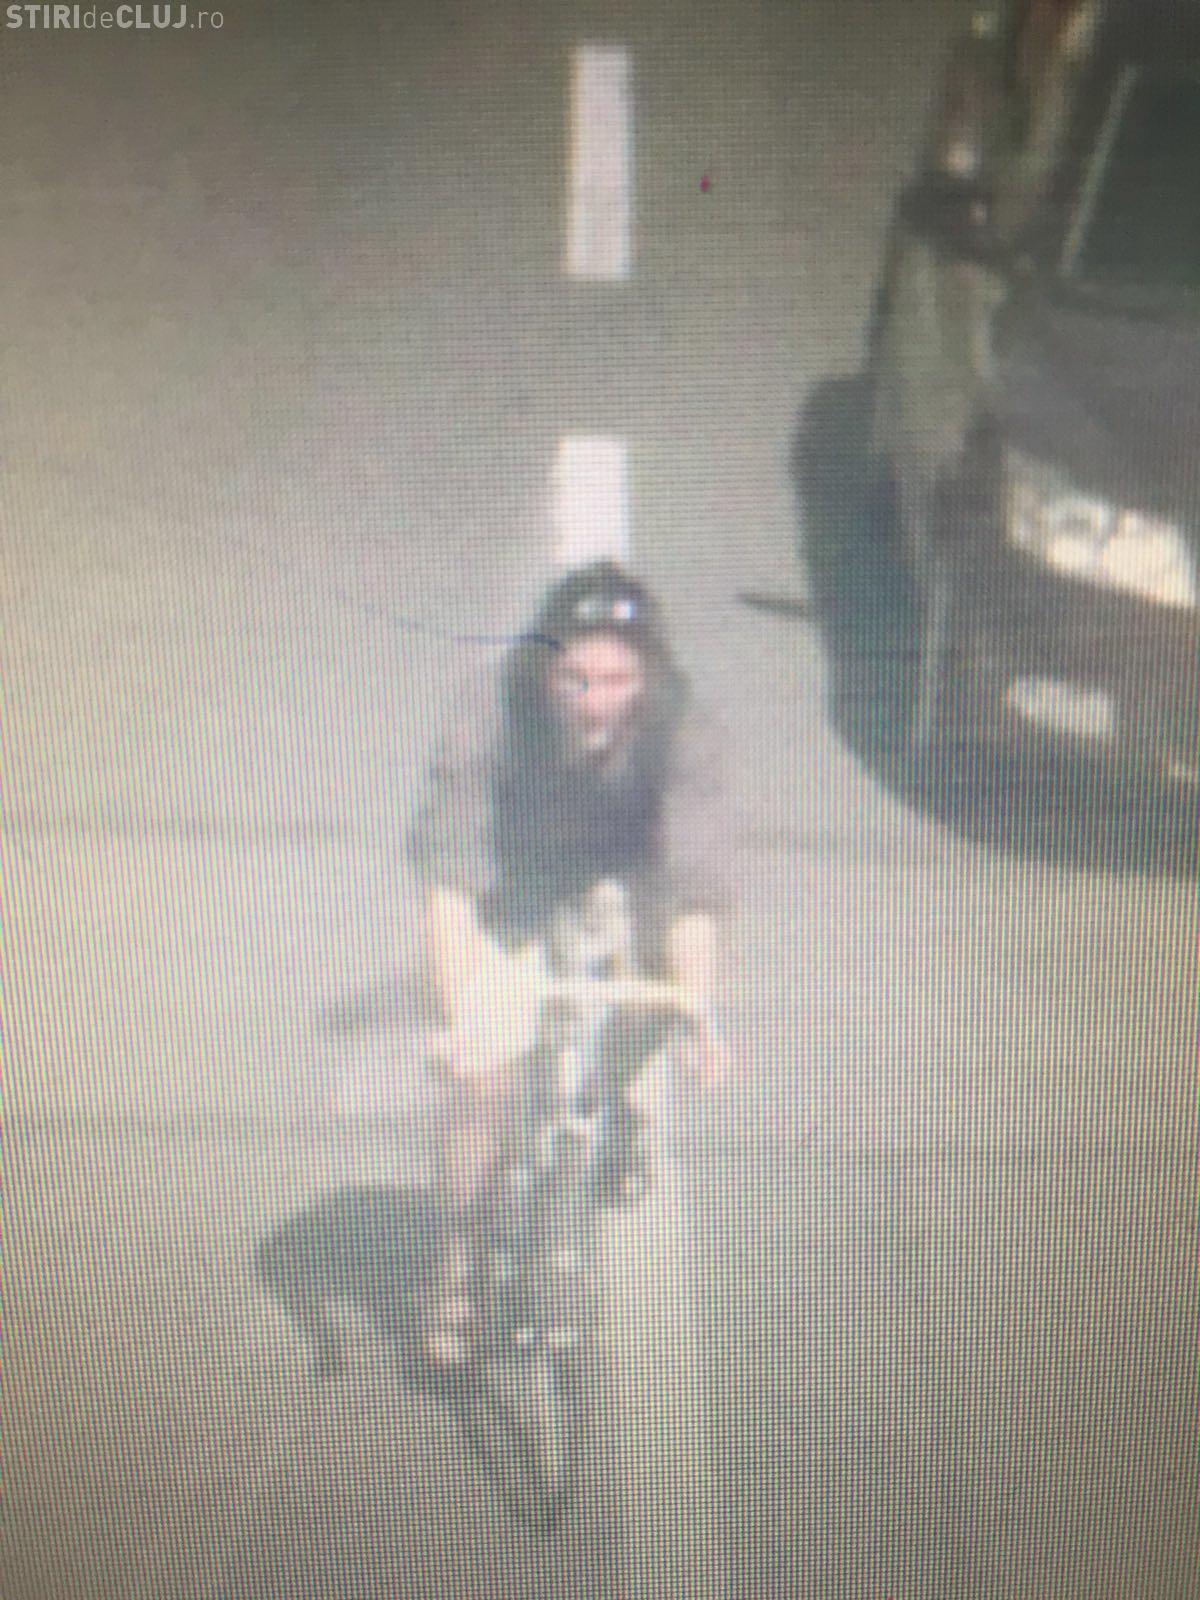 Biciclist căutat de polițiștii clujeni  după ce a lovit o femeie pe trecerea de pietoni și a fugit. Îl recunoașteți? FOTO